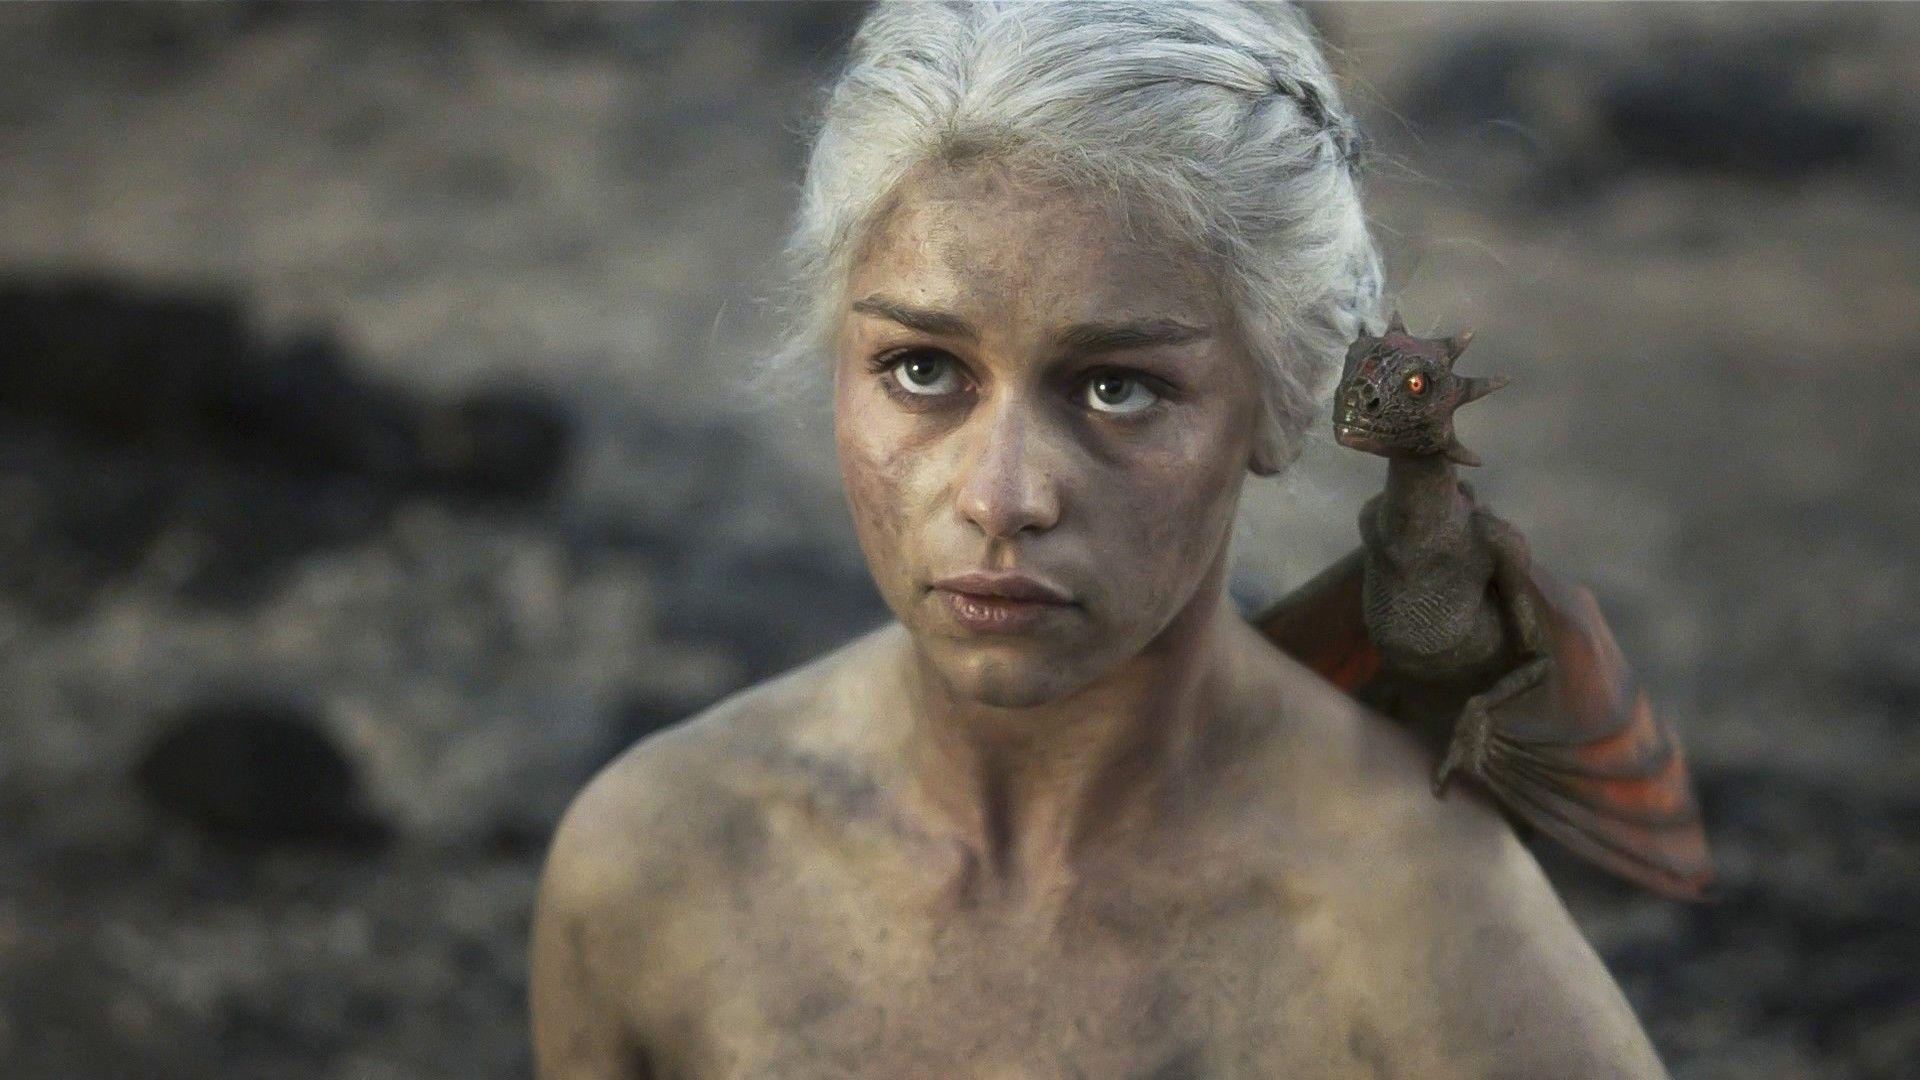 Daenerys targaryen and khal drogo wallpaper daenerys targaryen wedding - Emilia Clarke Dragons Game Of Thrones Tv Series Daenerys Targaryen